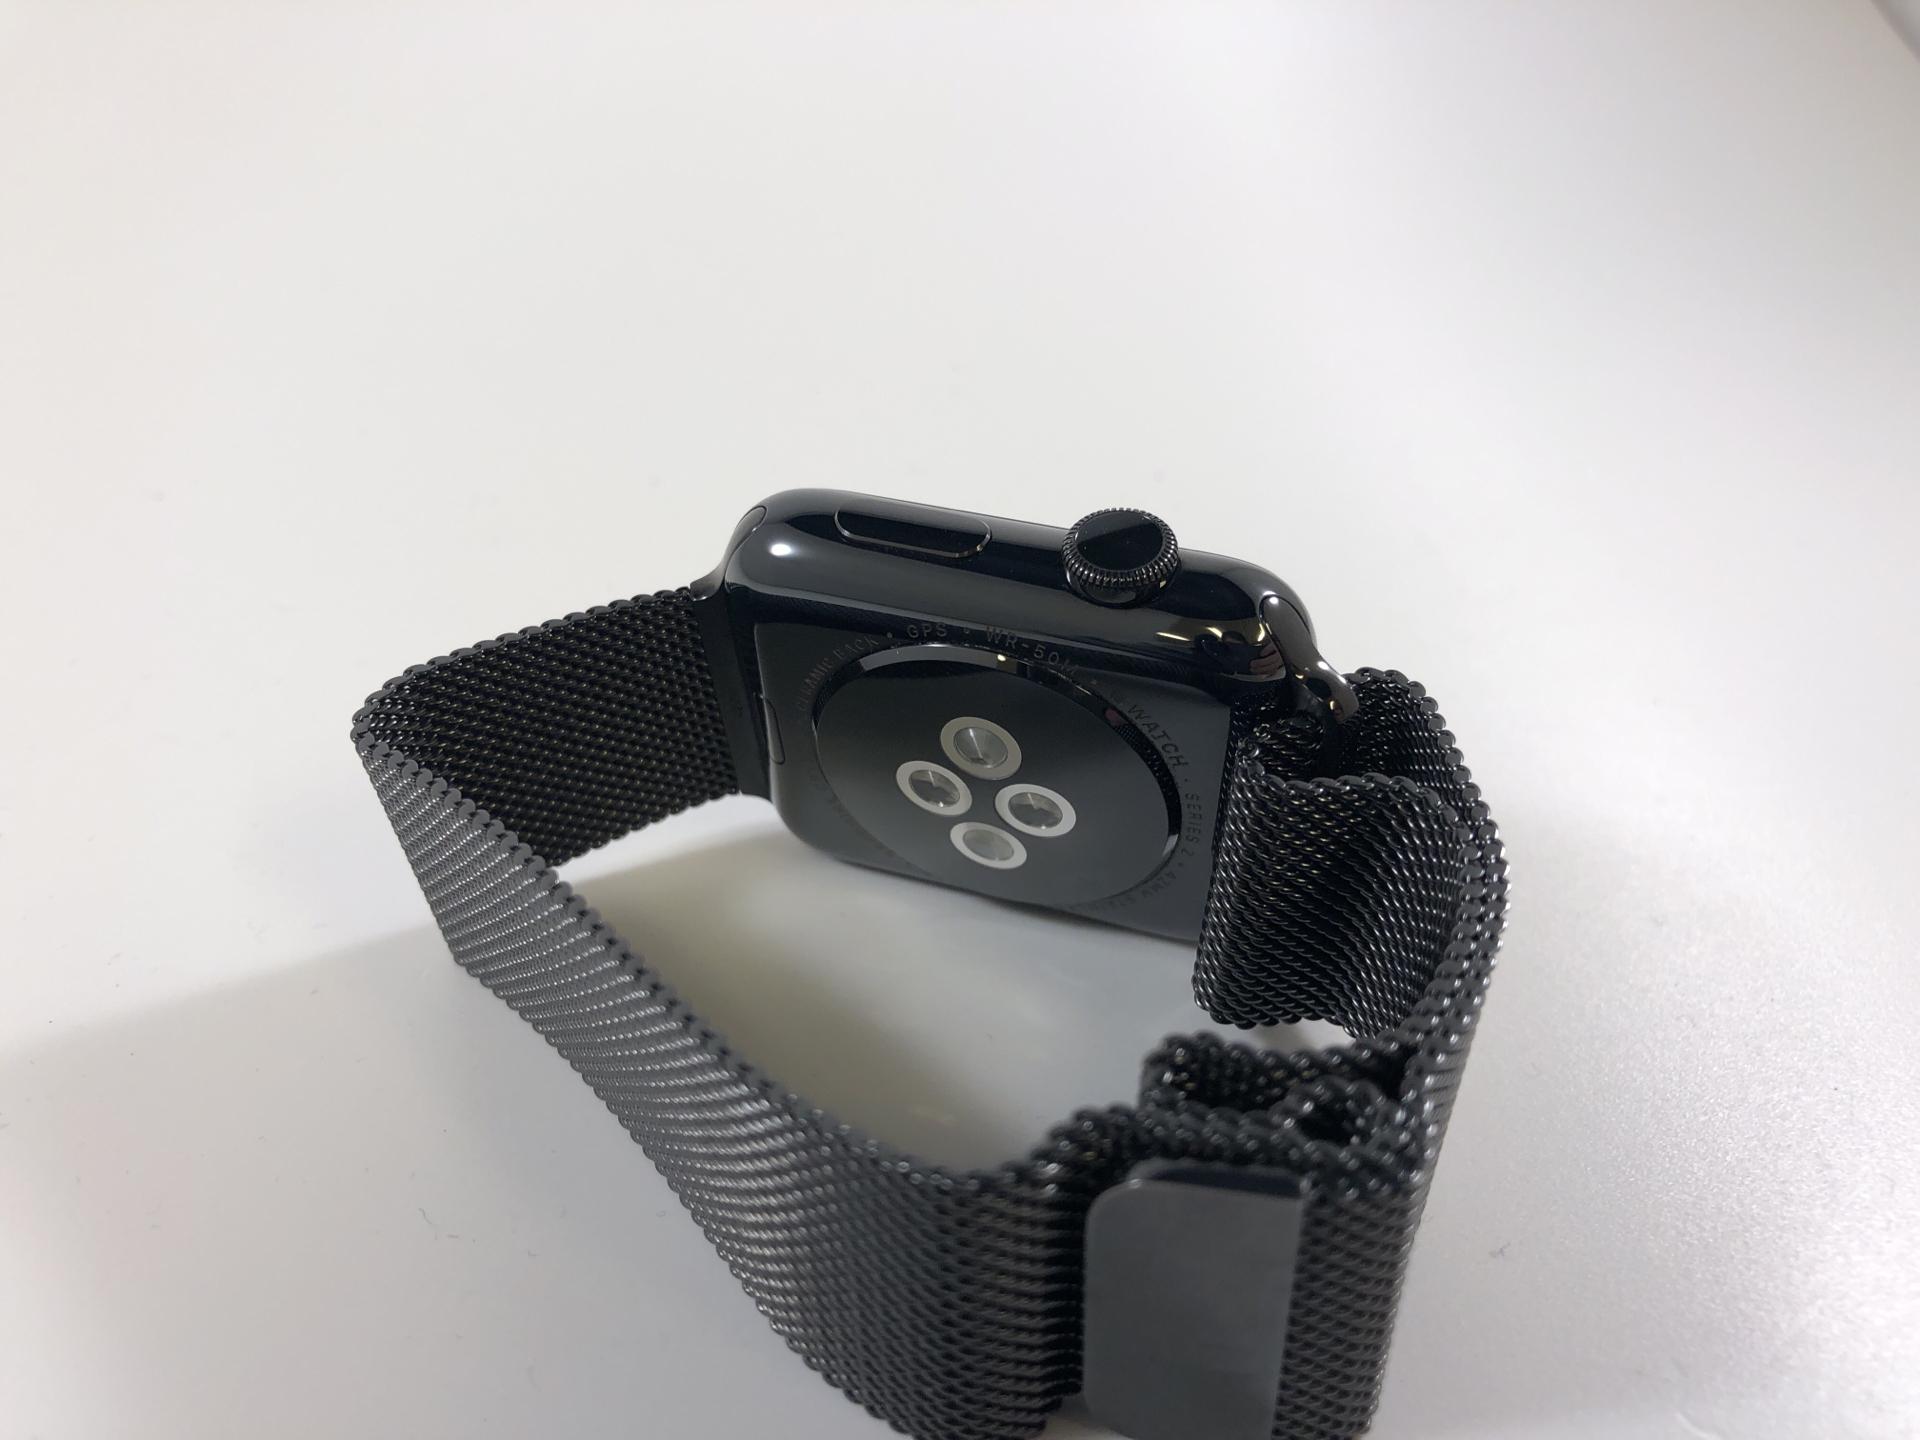 Watch Series 2 Steel (42mm), Space Black Stainless Steel, Space Black Milanese Loop, bild 2